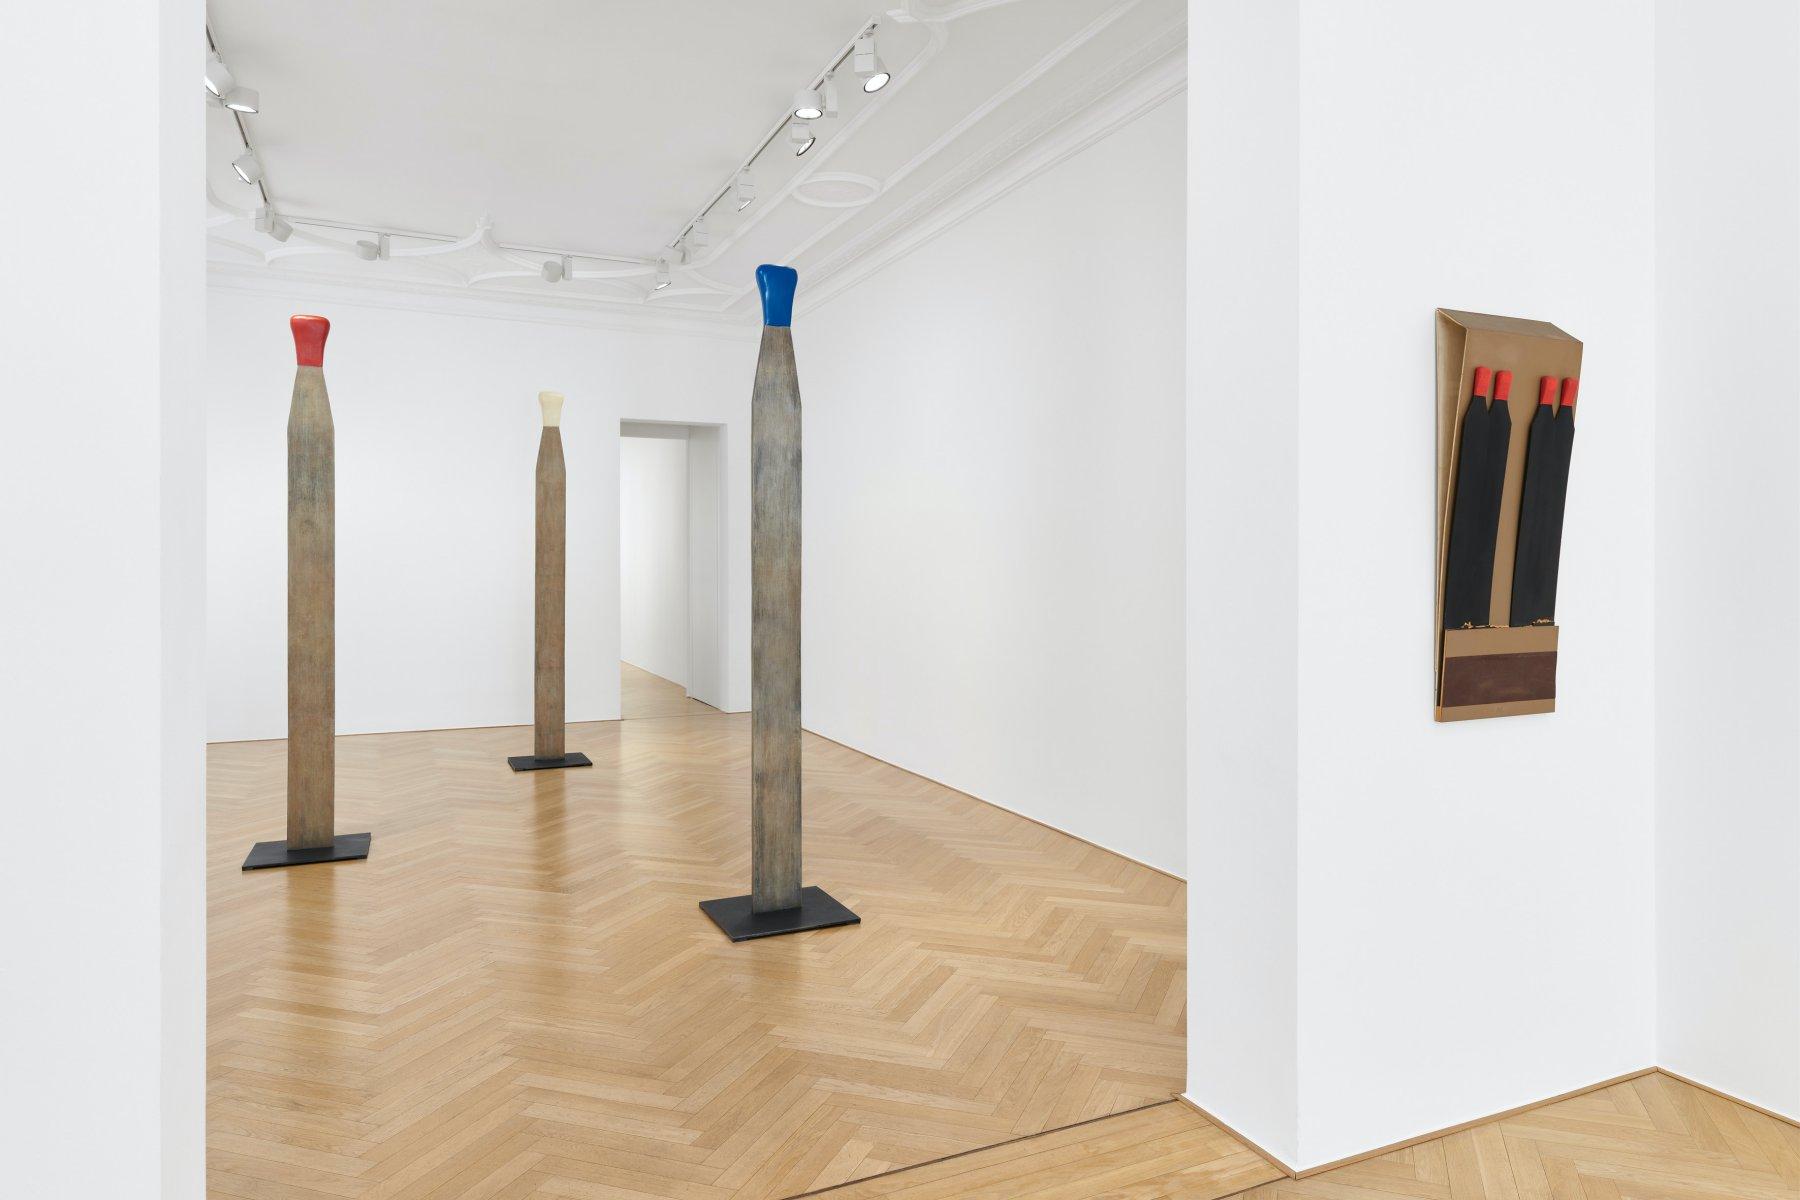 Galerie Max Hetzler Bleibtreustr Raymond Hains 1